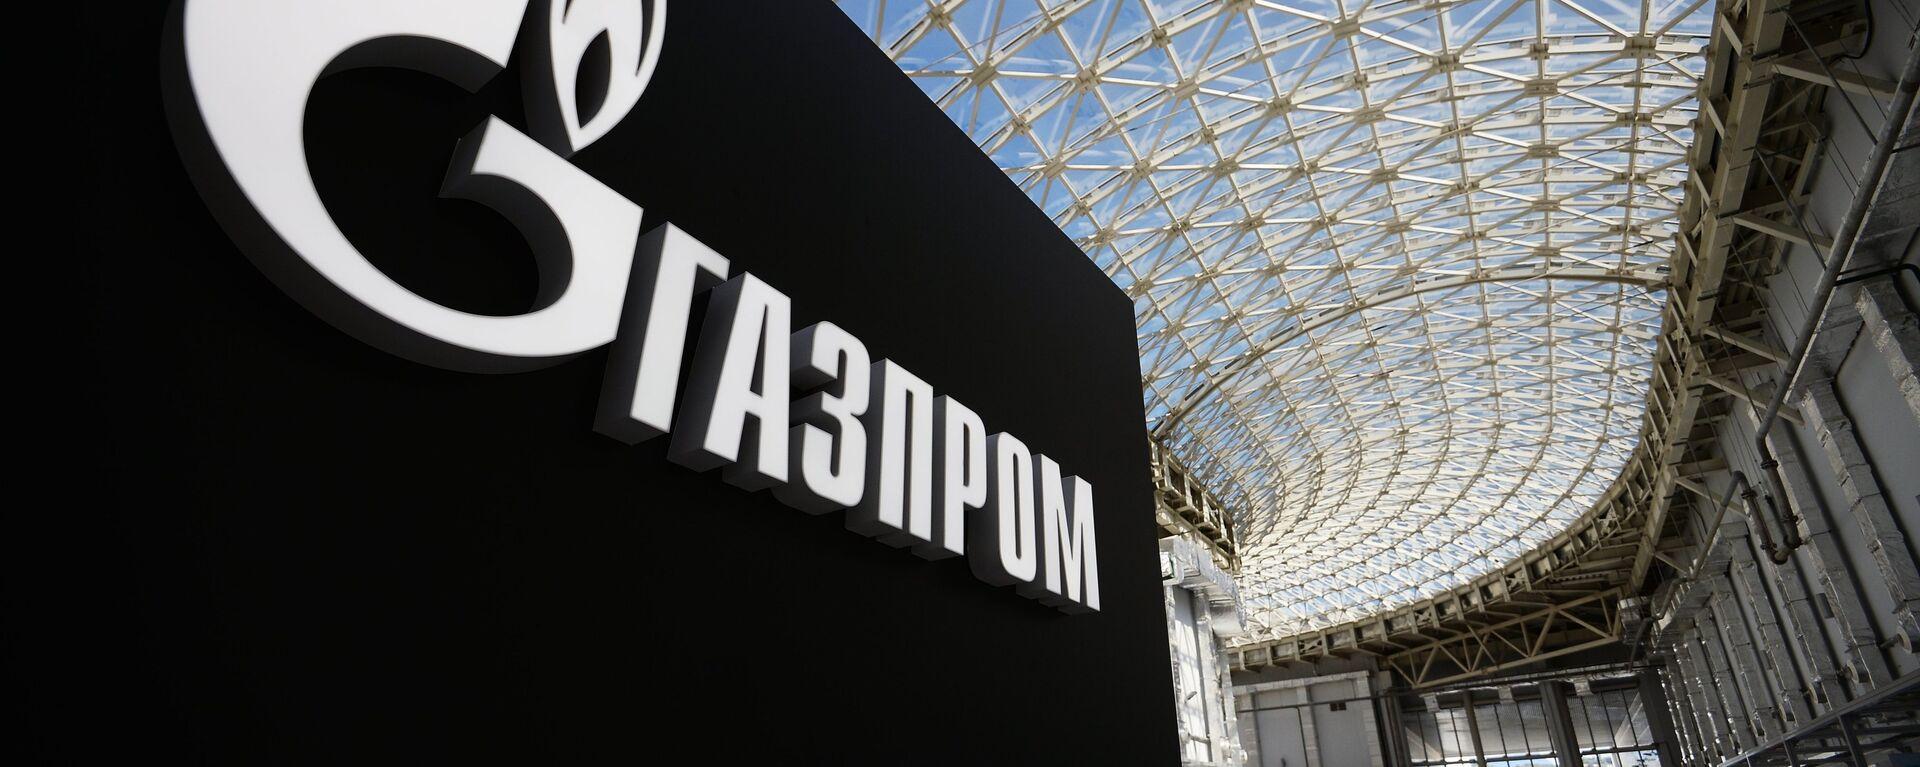 Kompānijas Gazprom foto - Sputnik Latvija, 1920, 20.09.2021